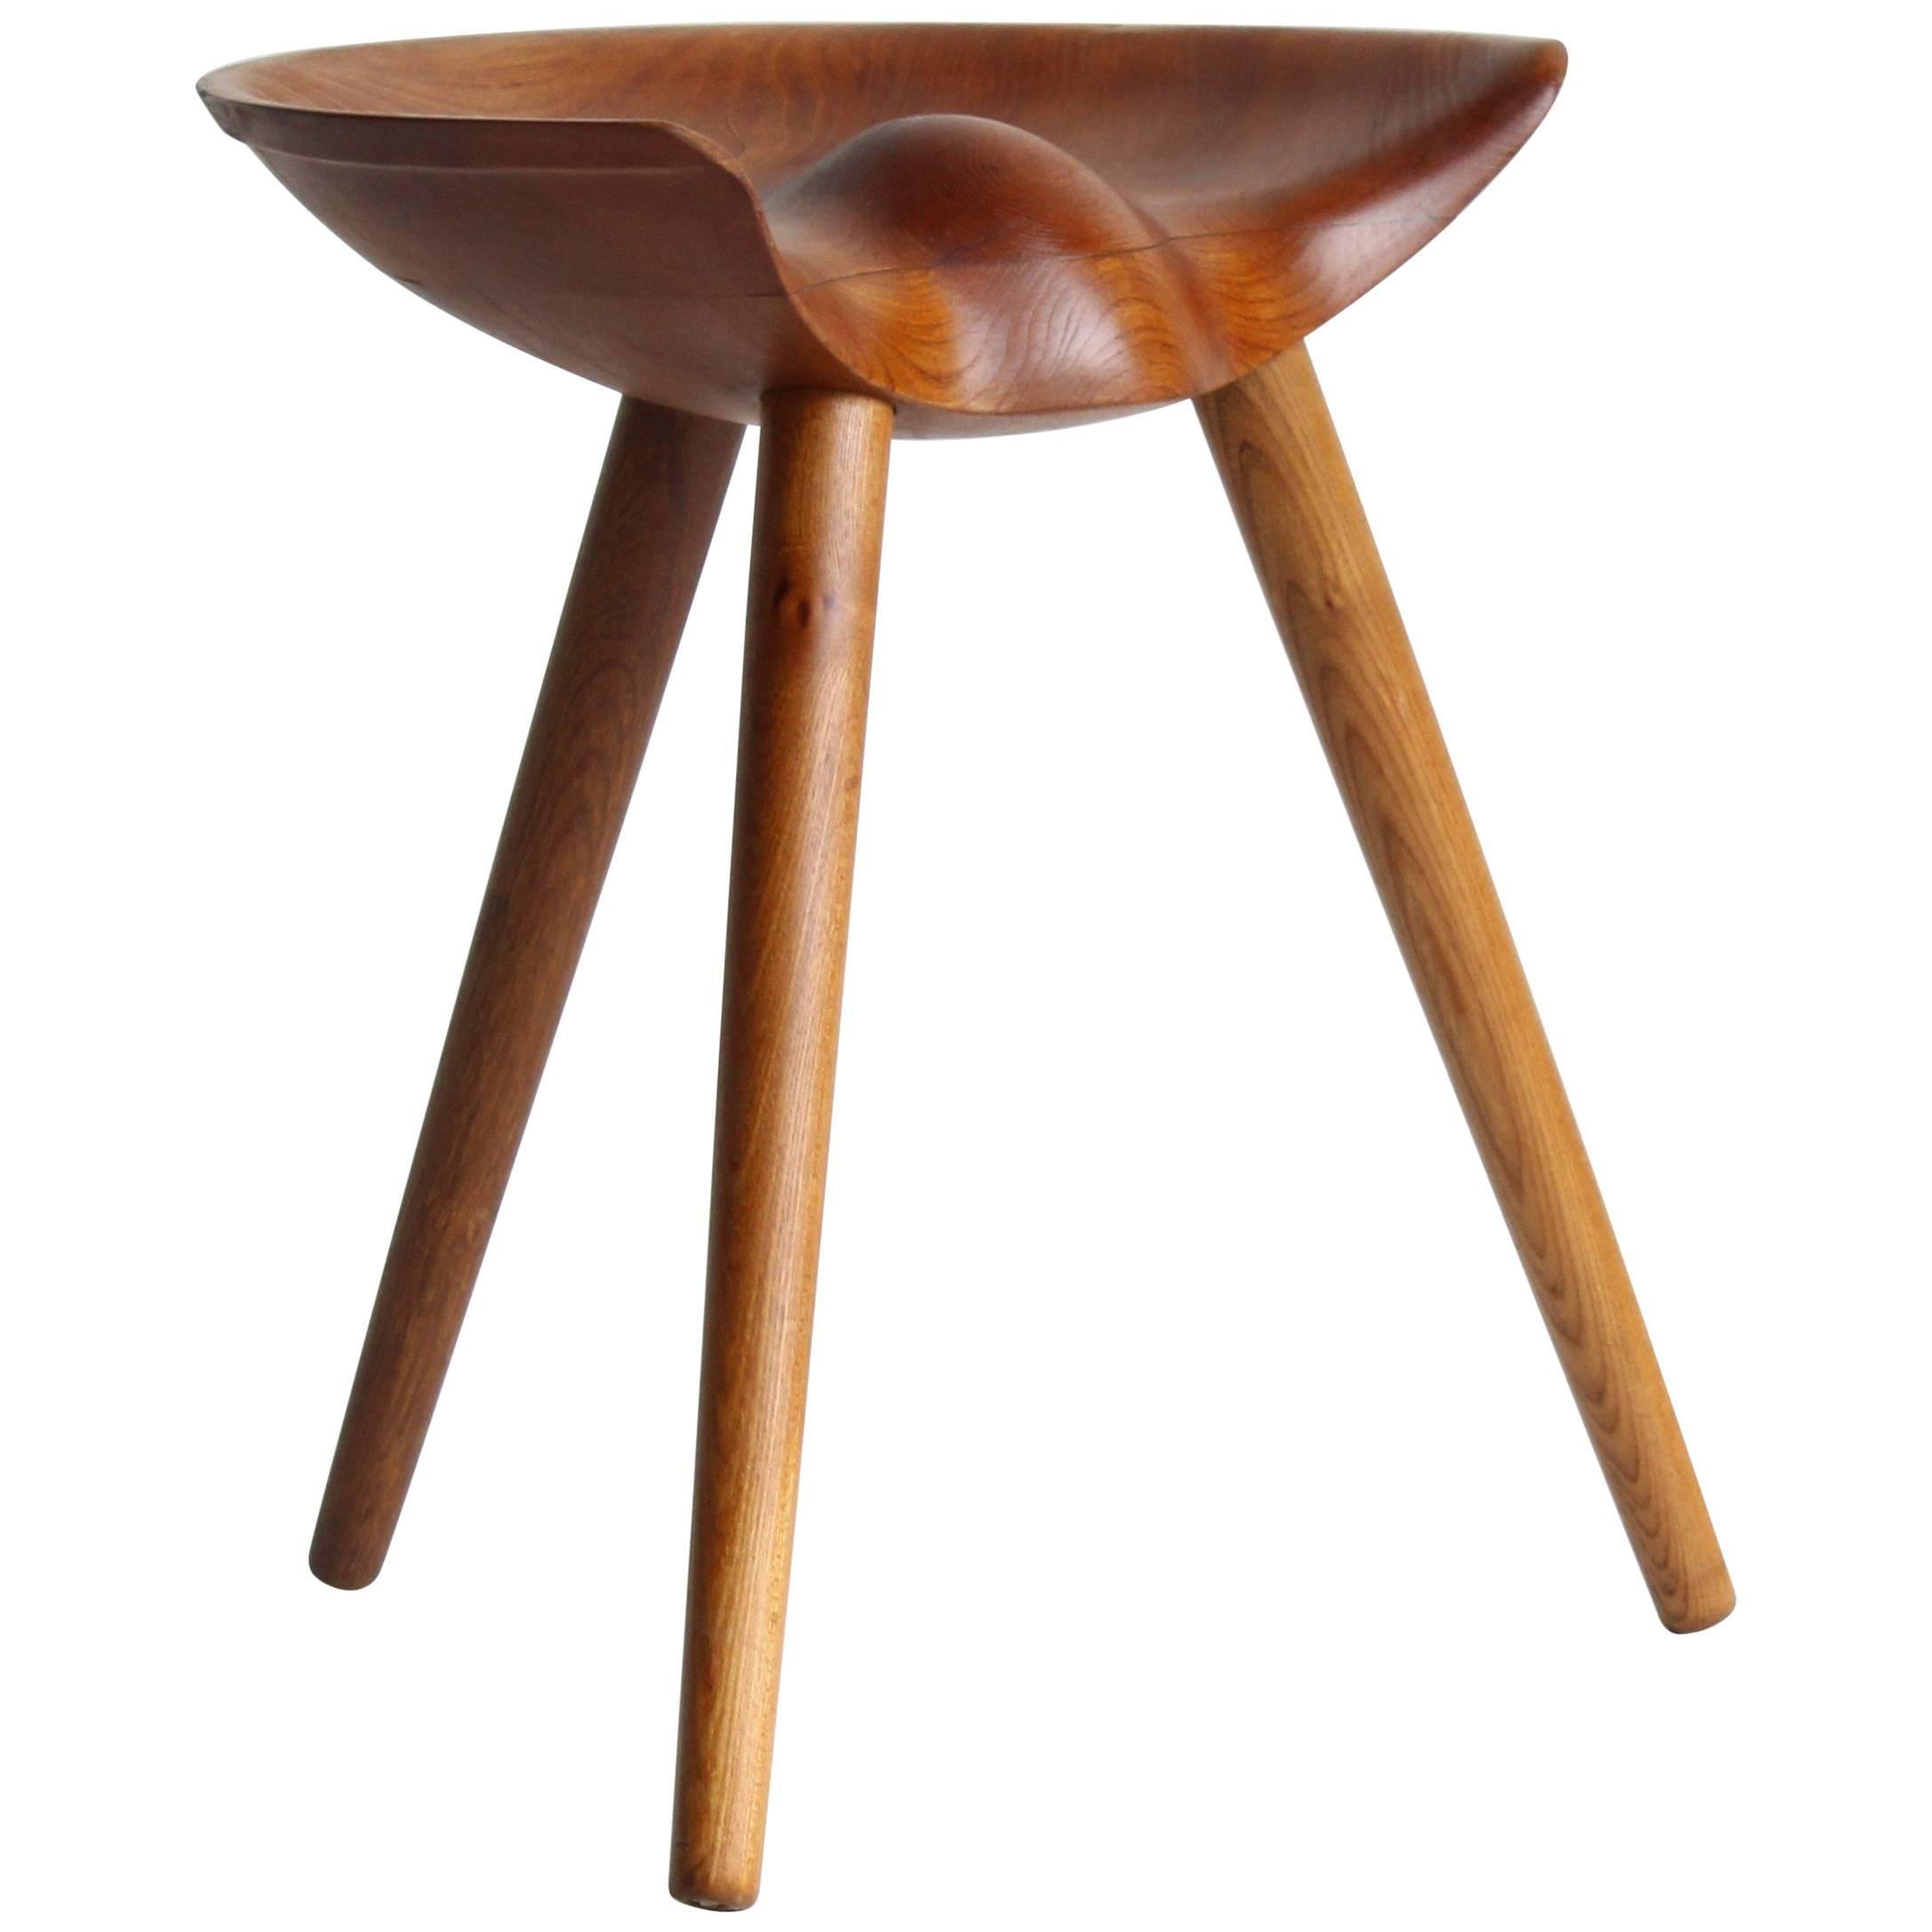 Mogens Lassen, wood stool, elm, oak, K. Thomsen, Denmark, 1942